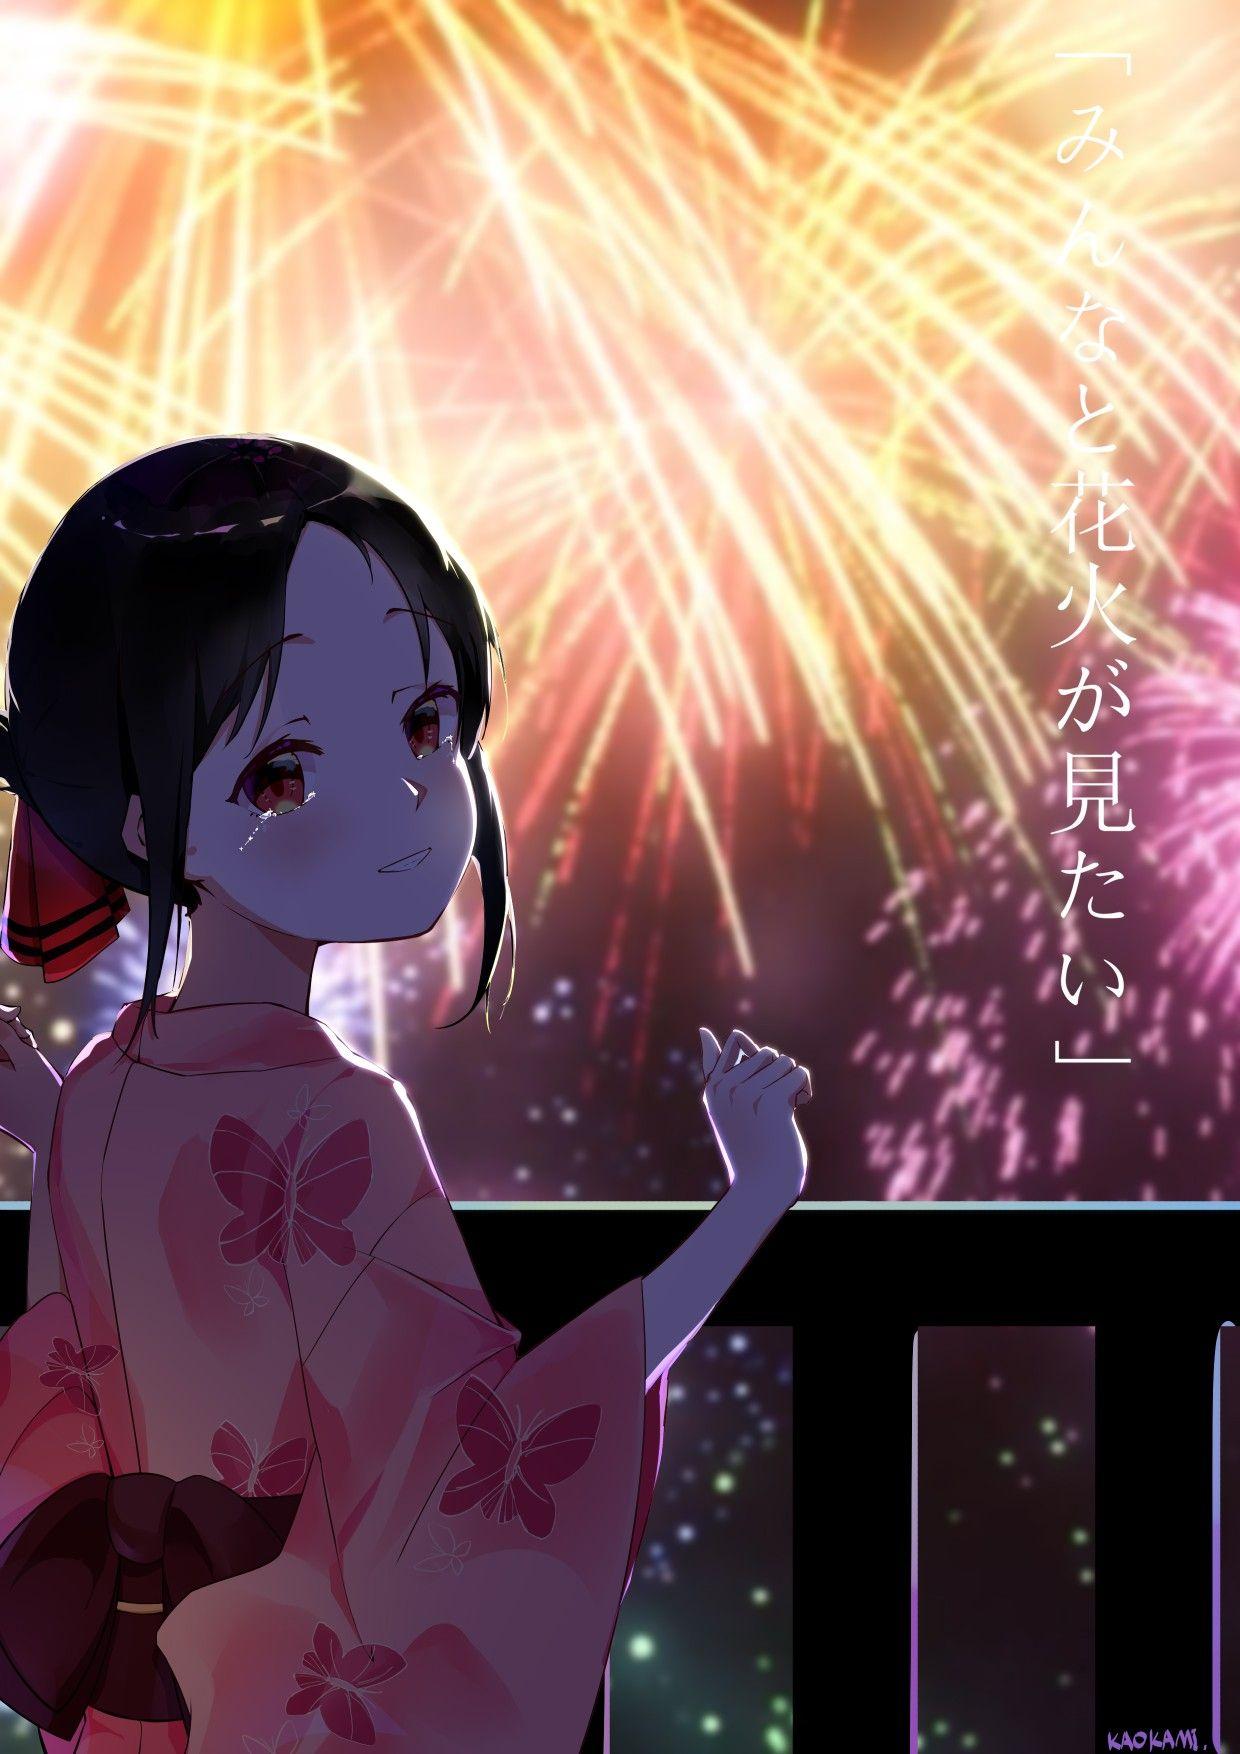 Oo kawaii koto( ͡° ل͜ ͡°)━☆゚.*・。゚ アニメファンアート, かわいいイラスト